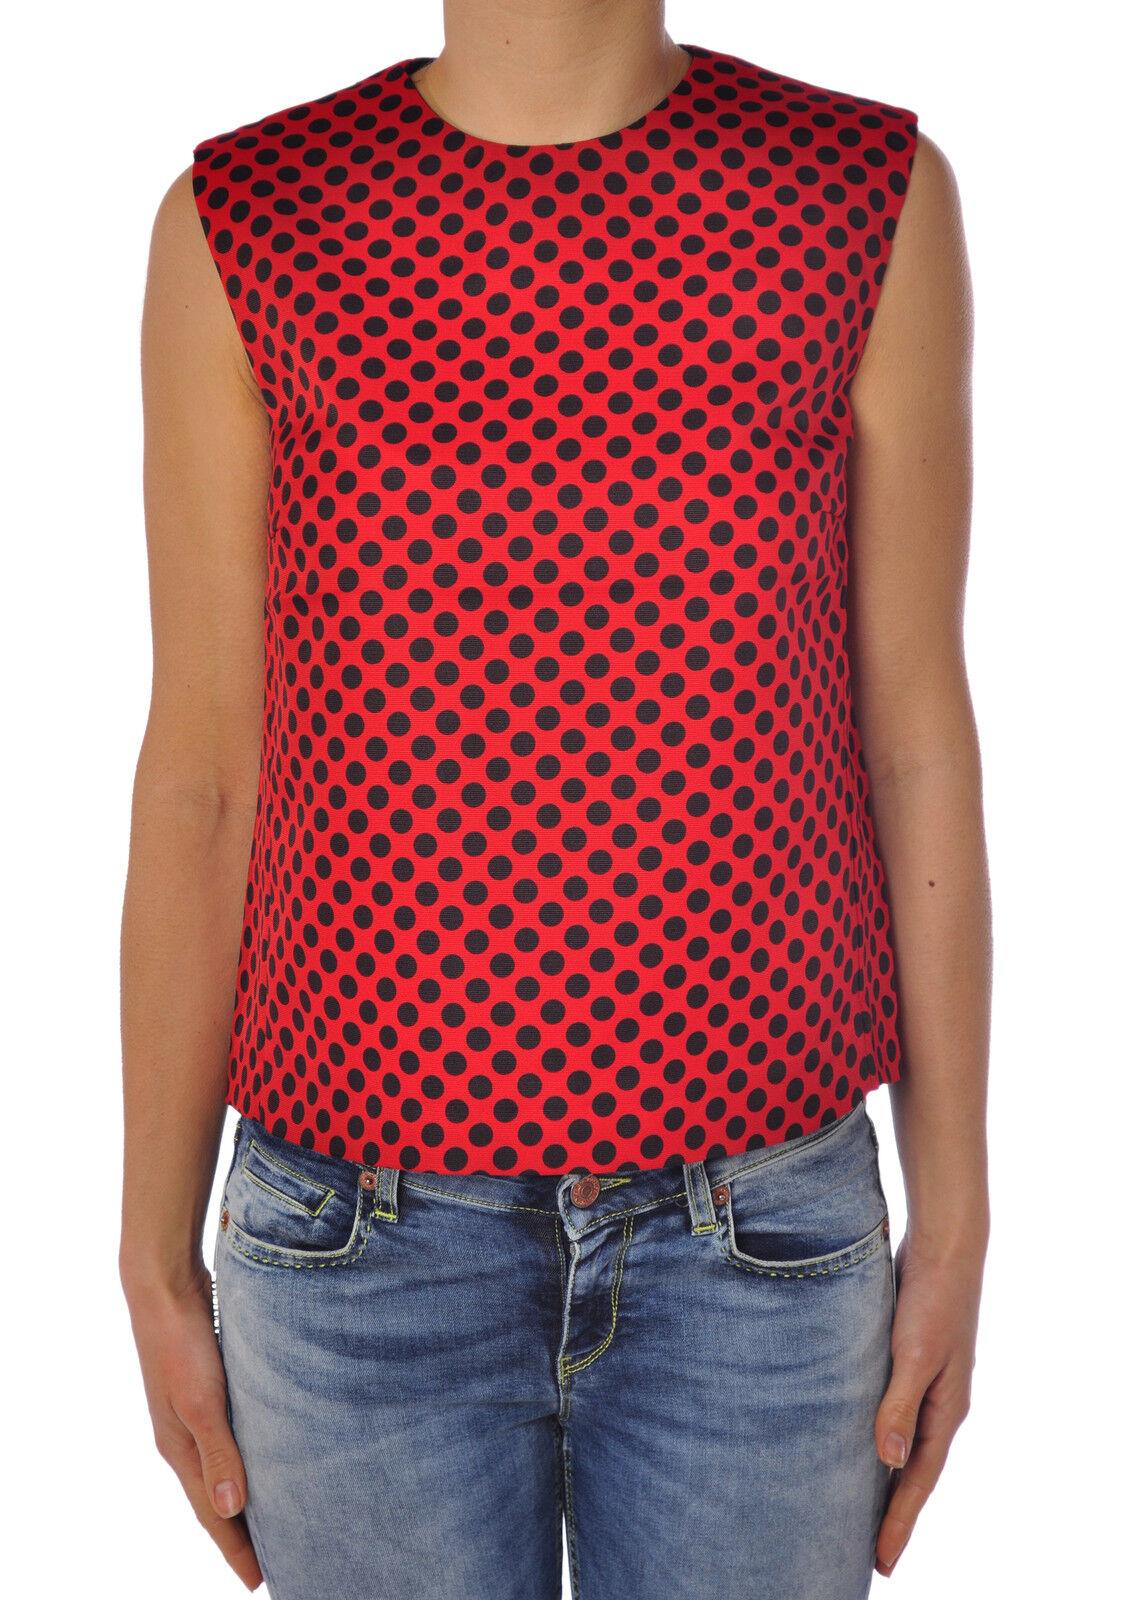 Damen Damenshirt Shirt Poloshirt NEU Alpha dunkelblau Größe 36 38 S M